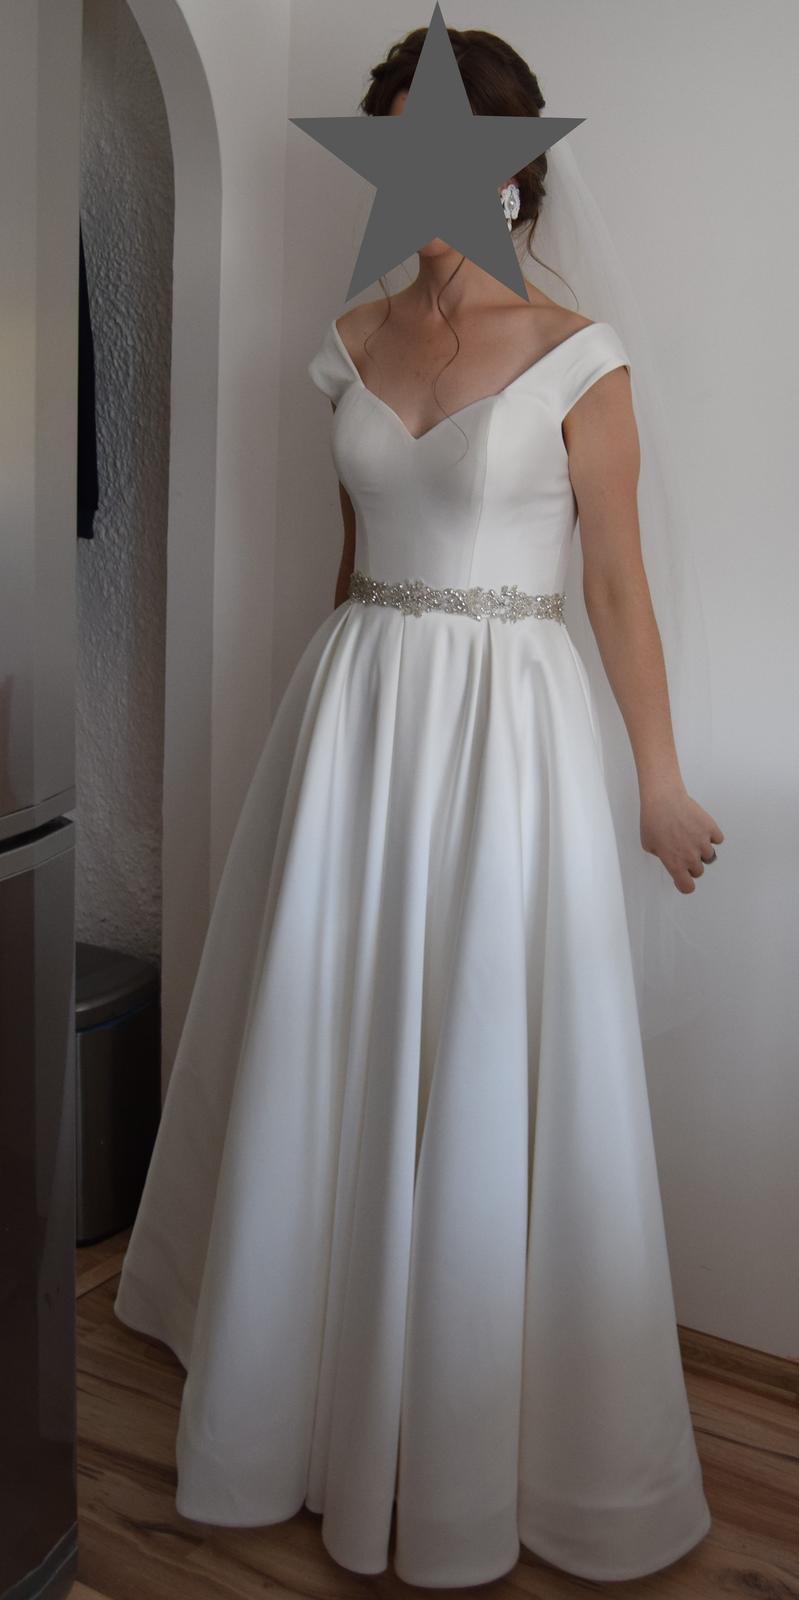 Saténové svadobné šaty - Obrázok č. 1